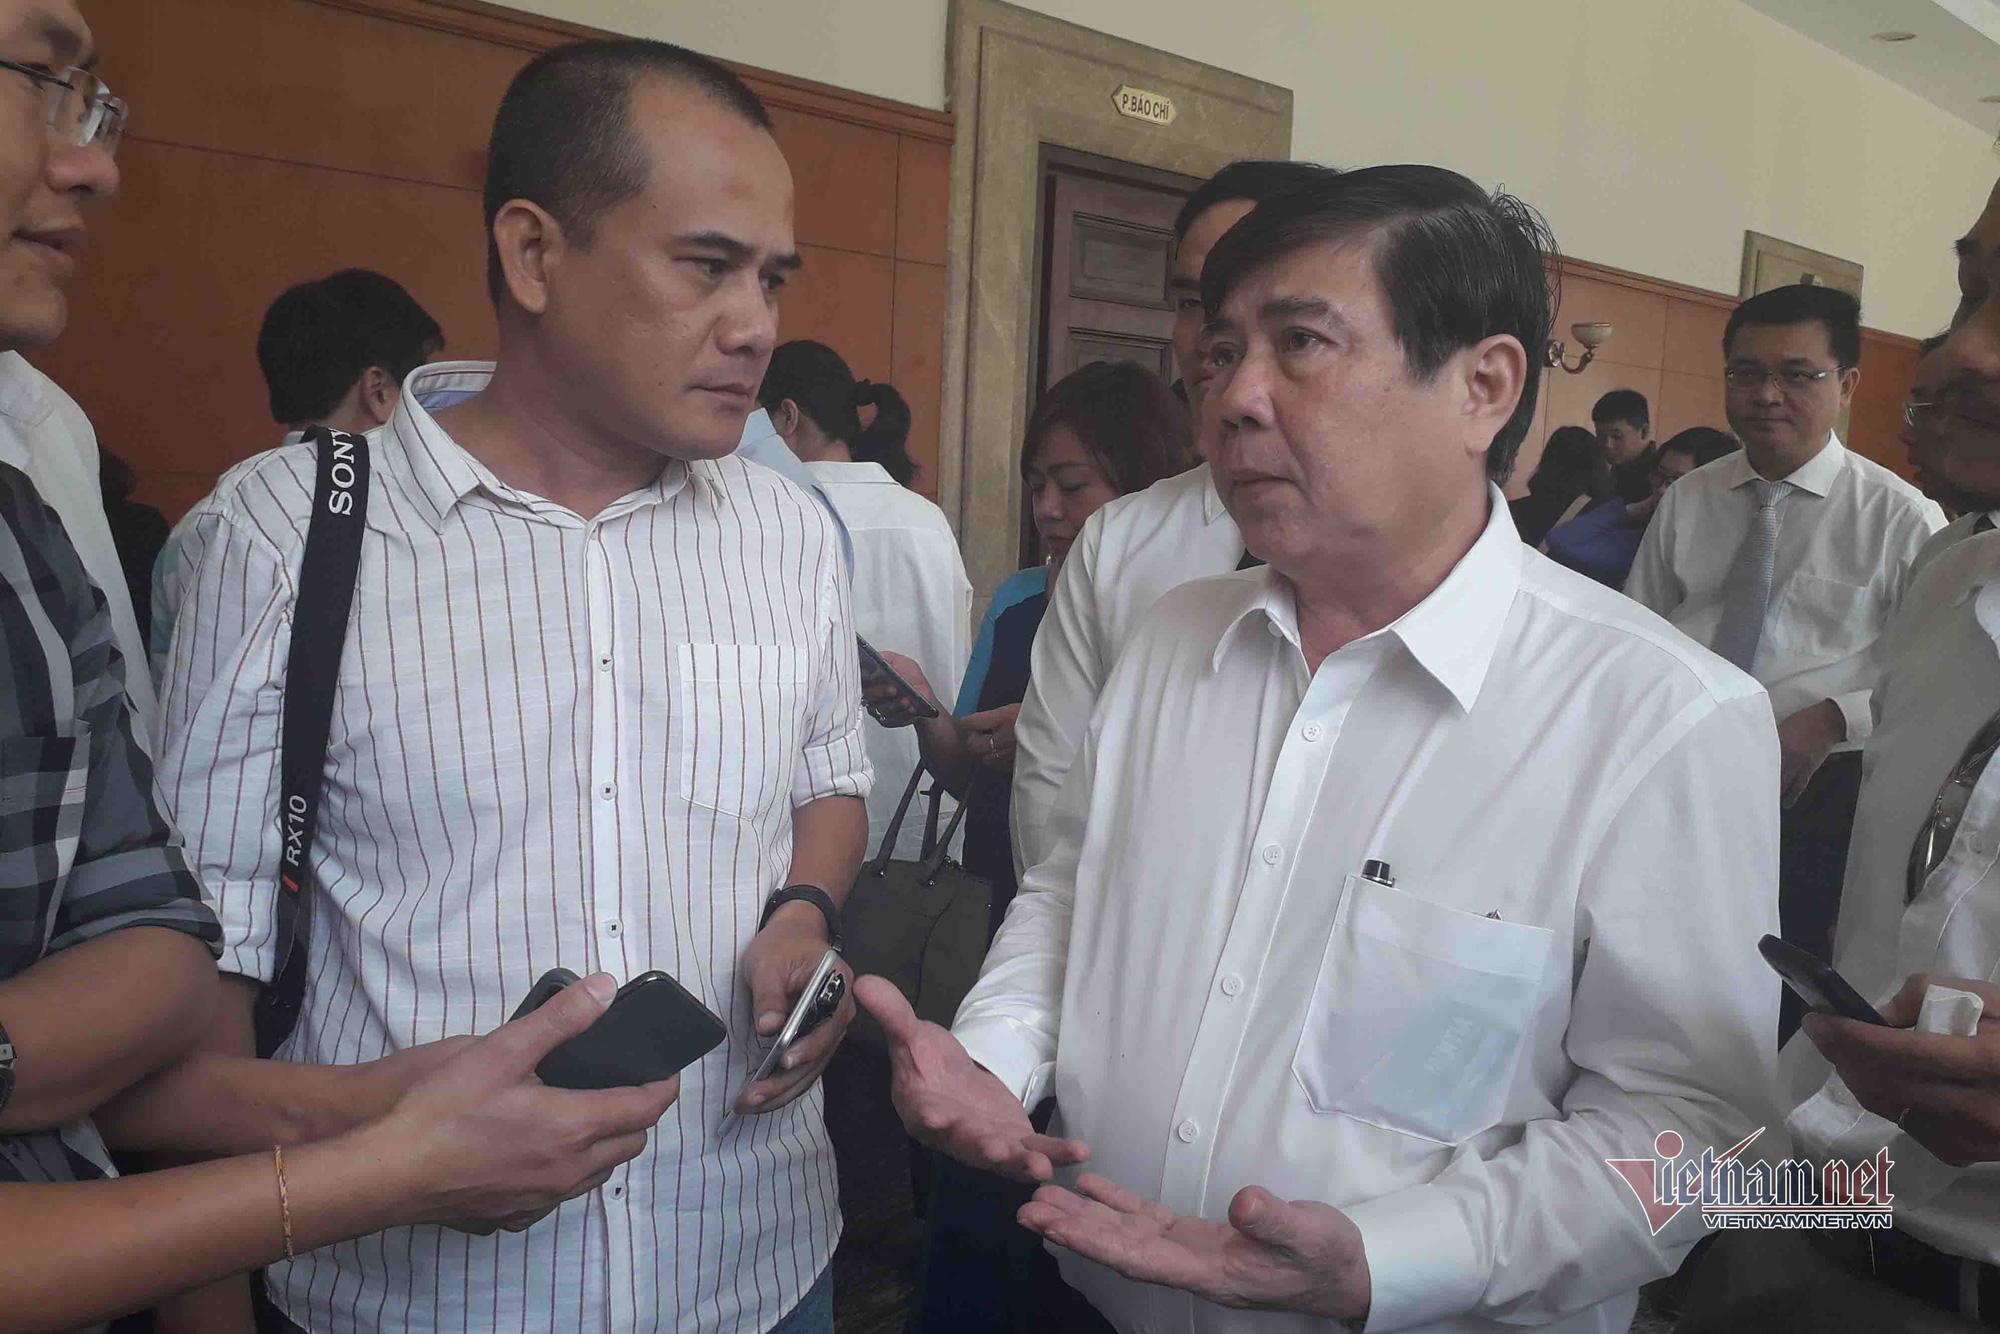 Chủ tịch TP HCM nóng lòng khi chưa giao đất cho dân khu 4,3 ha Thủ Thiêm - Ảnh 1.